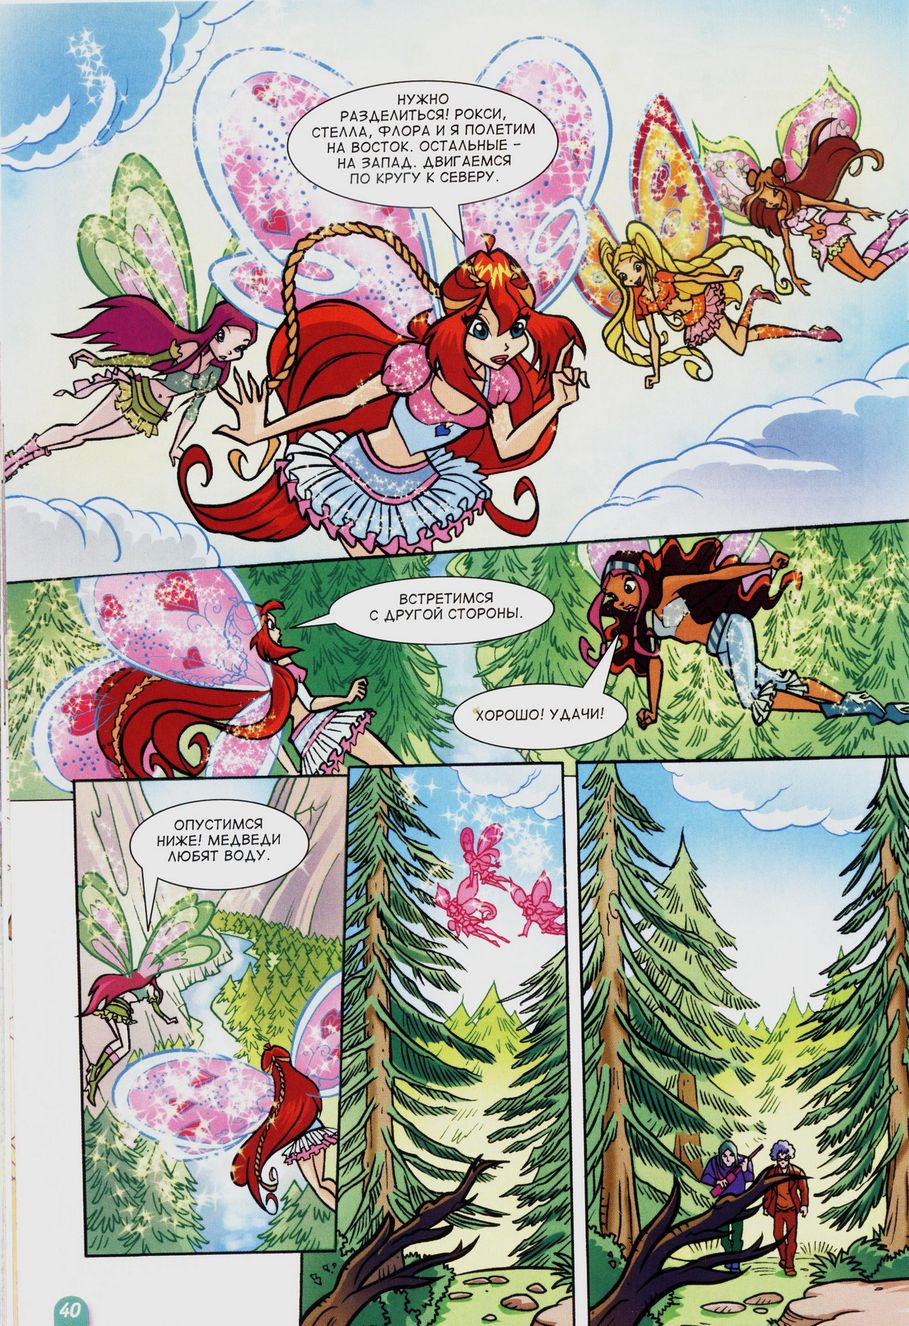 Комикс Винкс Winx - Надежда и разочарование (Журнал Винкс №5 2011) - стр. 40